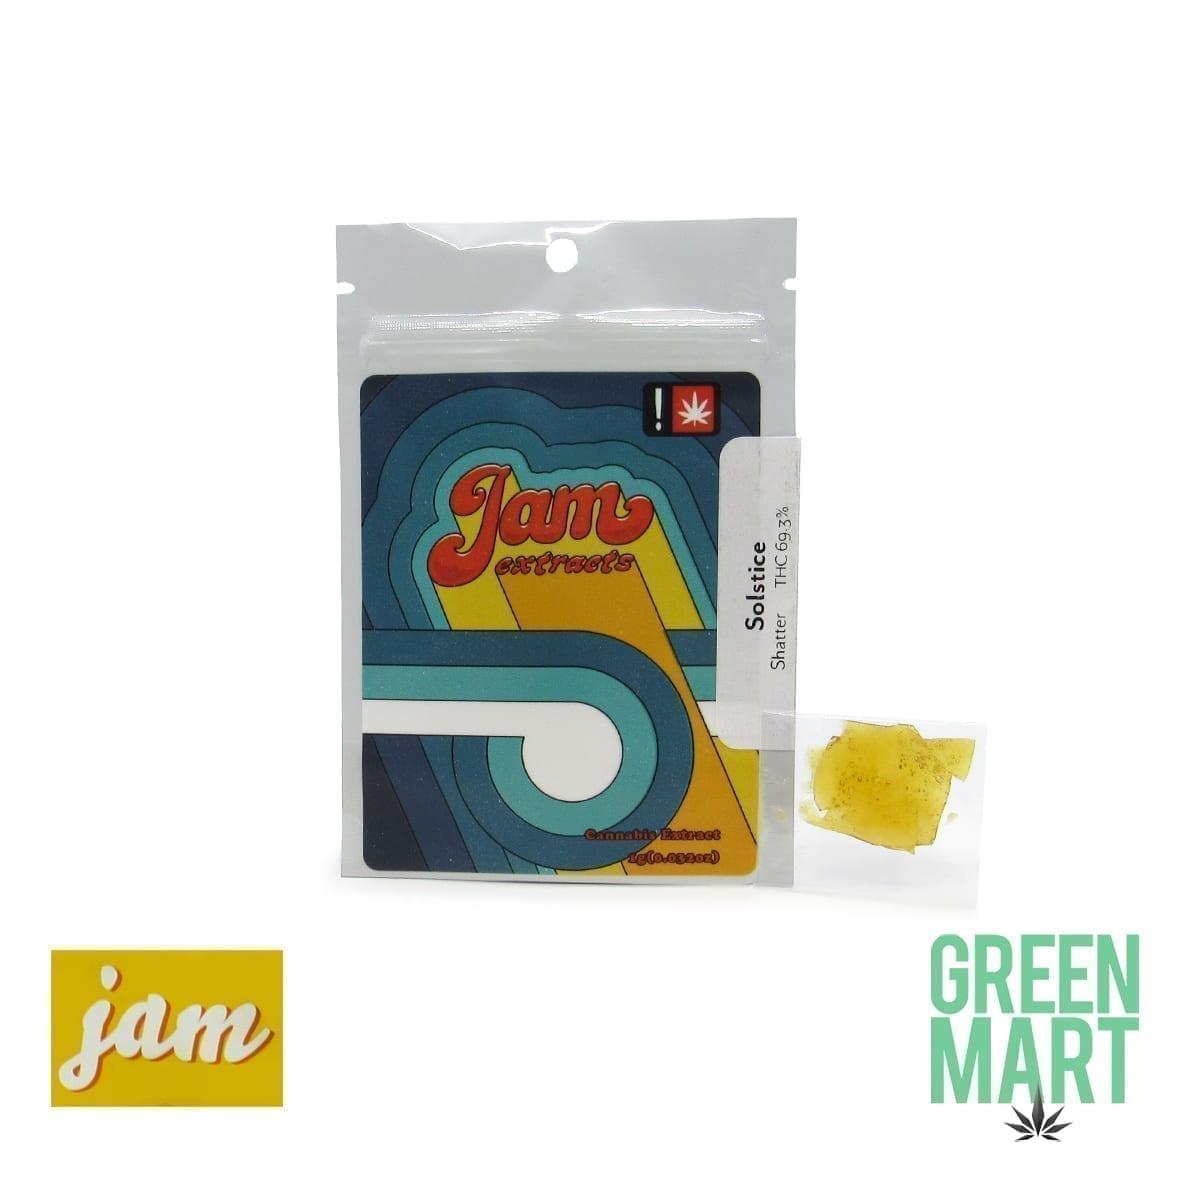 JAM - Solstice